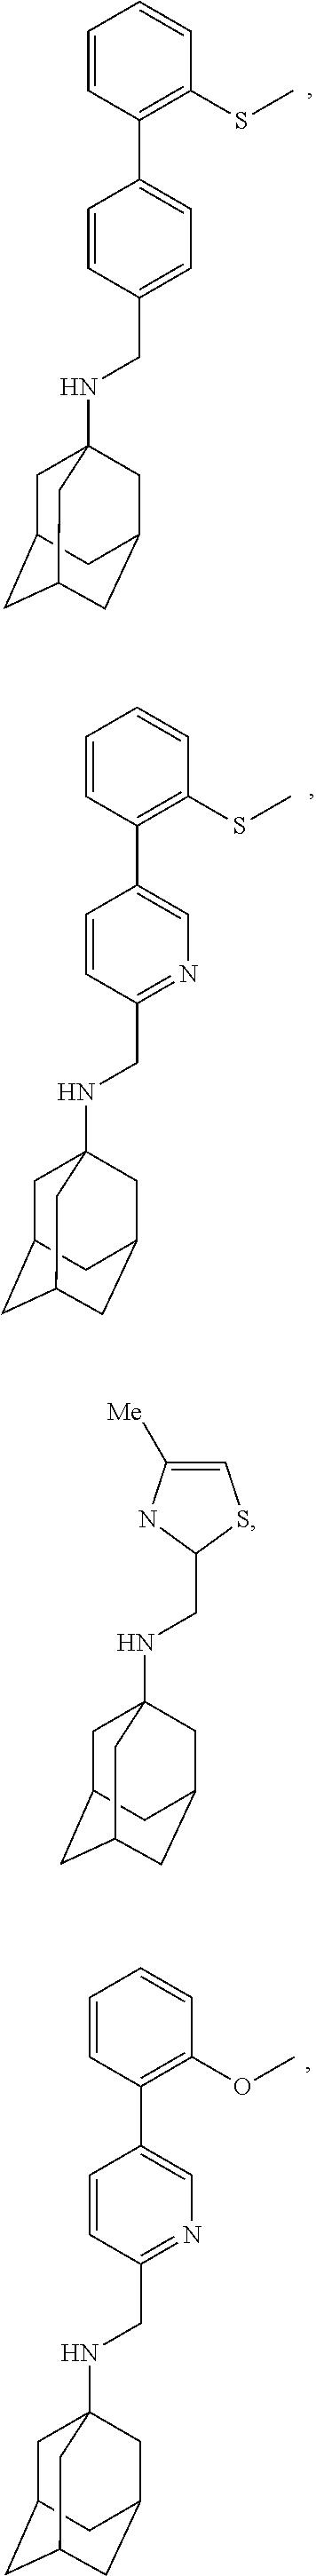 Figure US09884832-20180206-C00199